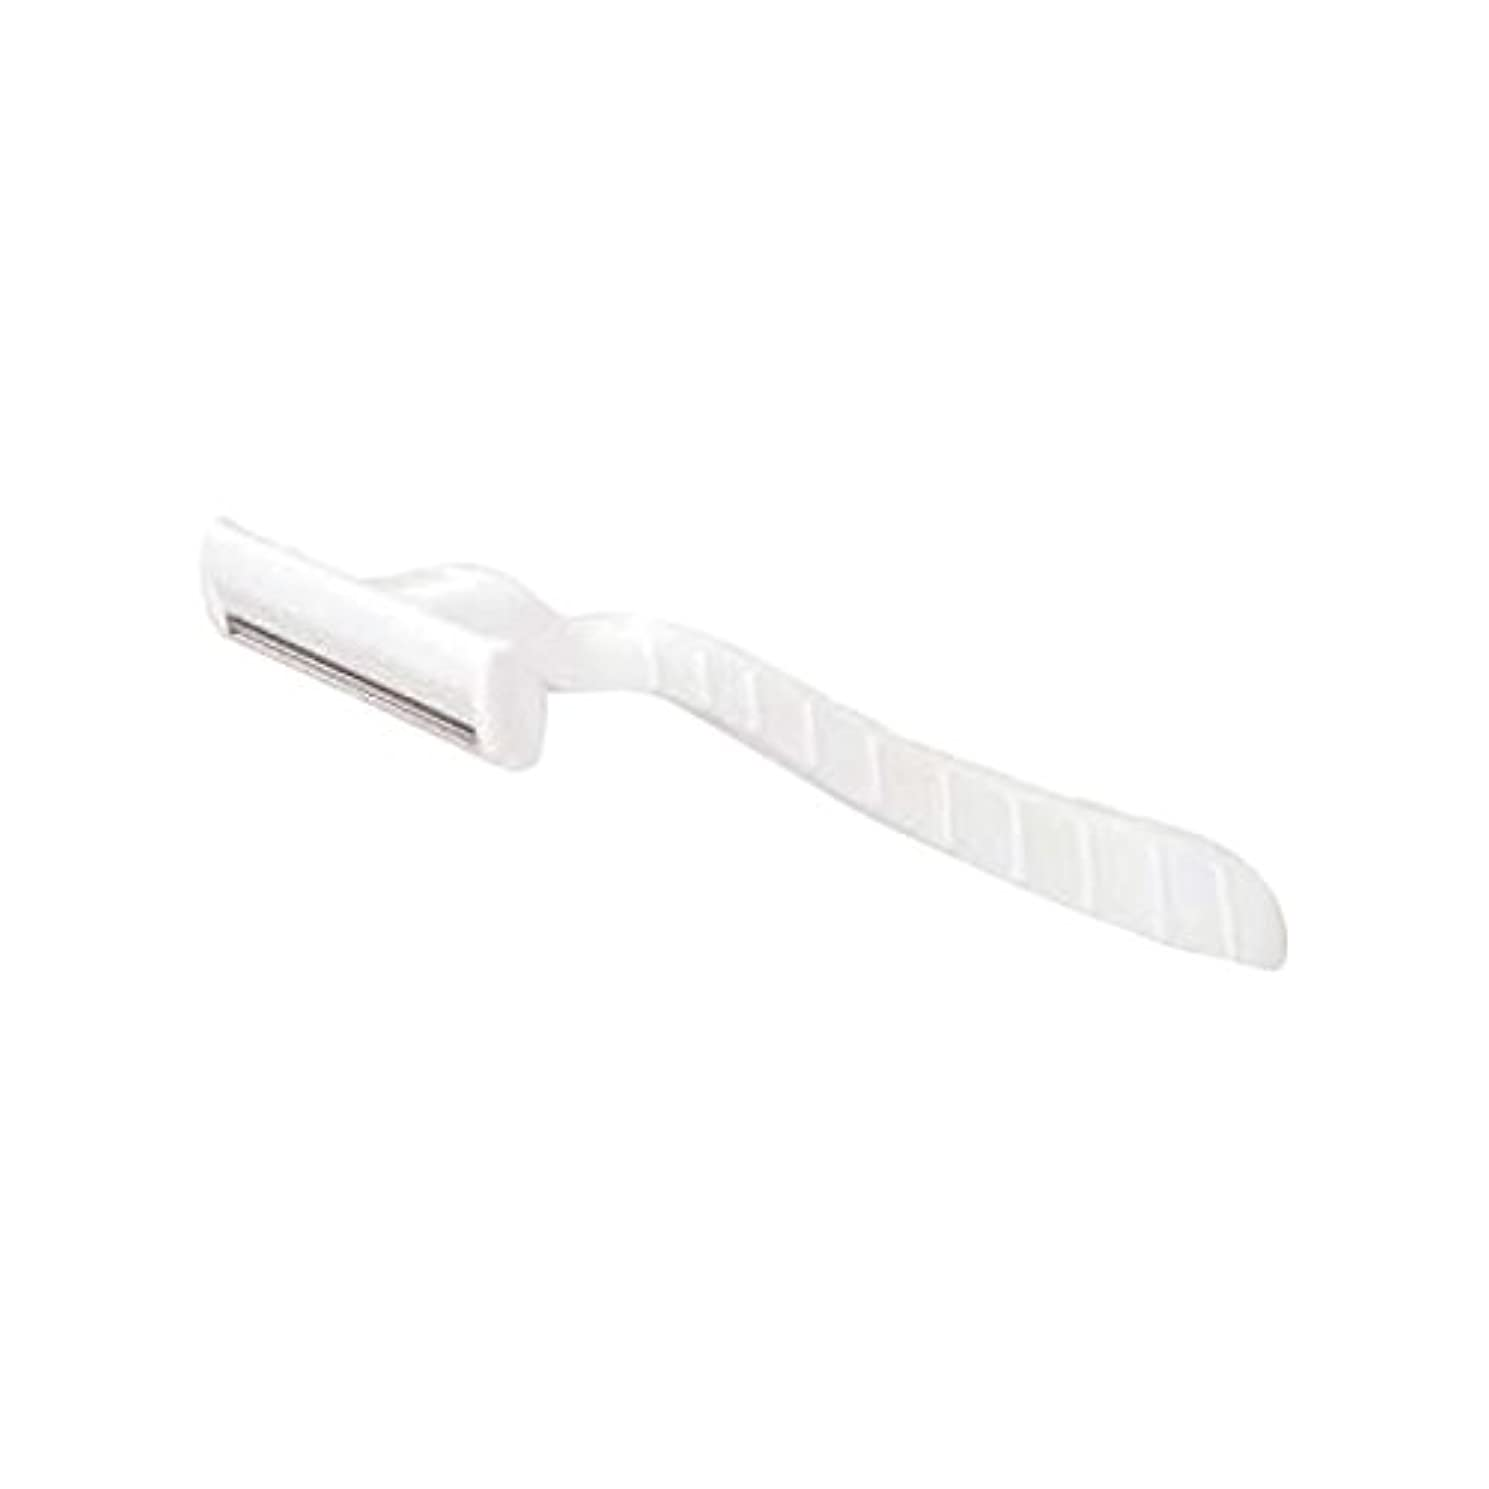 モディッシュサーキュレーションかき混ぜるホテル業務用シックカミソリ2枚刃(白)OP袋入 500本